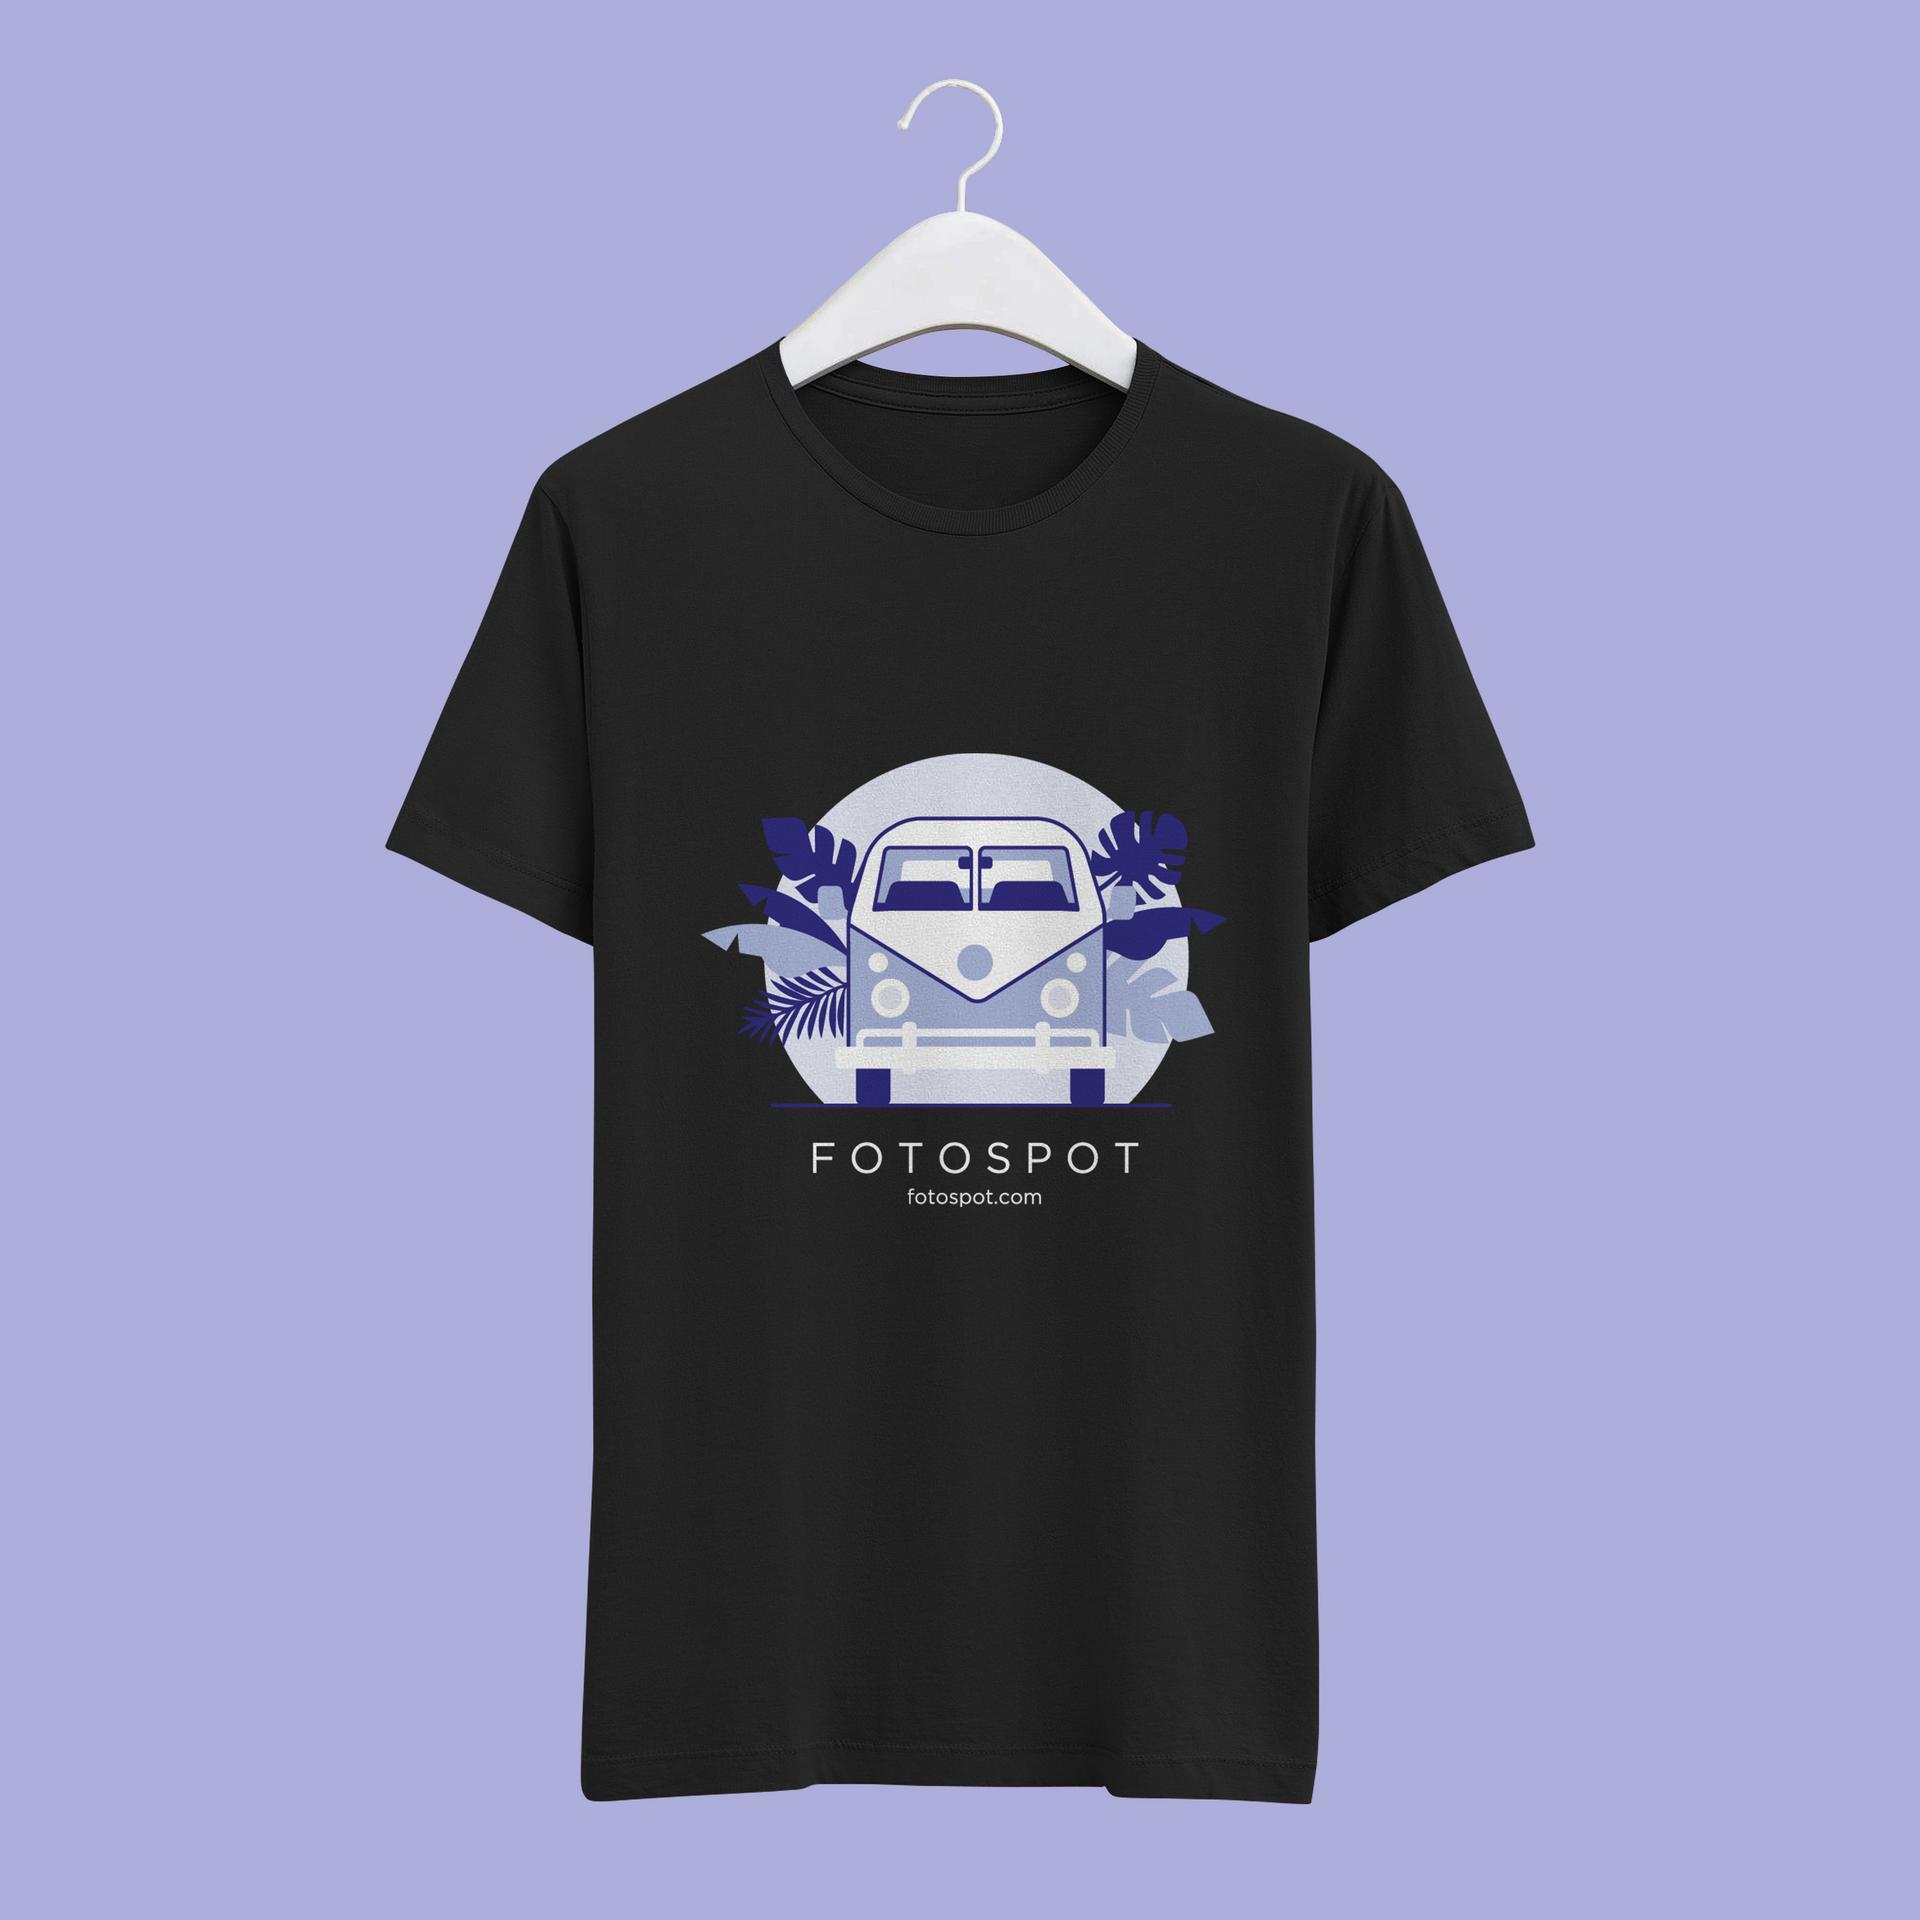 fotospot tshirt.png